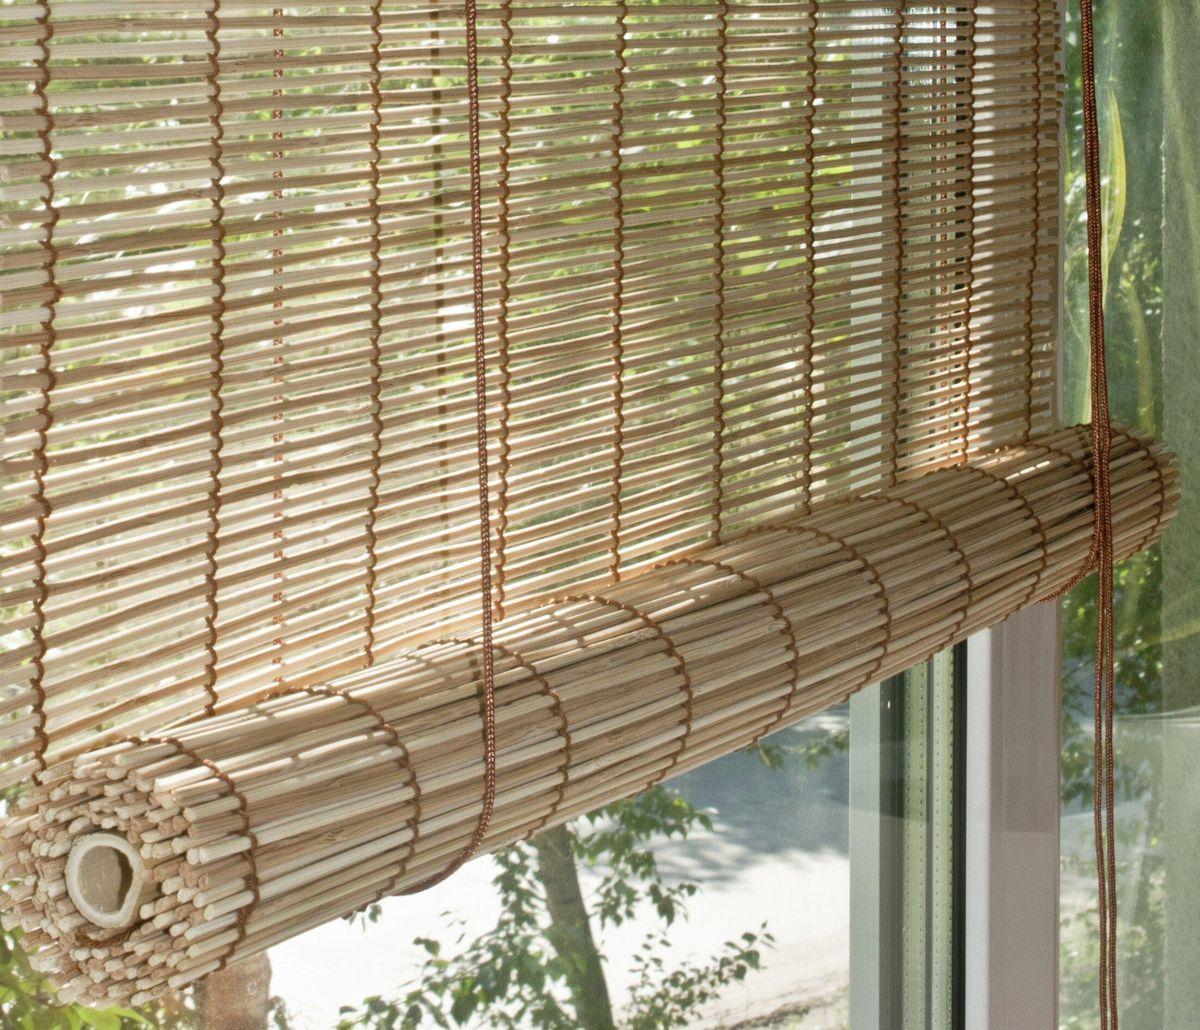 Штора рулонная Эскар Бамбук, цвет: натуральный микс, ширина 90 см, высота 160 см71909090180При оформлении интерьера современных помещений многие отдают предпочтение природным материалам. Бамбуковые рулонные шторы – одно из натуральных изделий, способное сделать атмосферу помещения более уютной и в то же время необычной. Свойства бамбука уникальны: он экологически чист, так как быстро вырастает, благодаря чему не успевает накопить вредные вещества из окружающей среды. Кроме того, растение обладает противомикробным и антибактериальным действием. Занавеси из бамбука безопасно использовать в помещениях, где находятся новорожденные дети и люди, склонные к аллергии. Они незаменимы для тех, кто заботится о своем здоровье и уделяет внимание высокому уровню жизни.